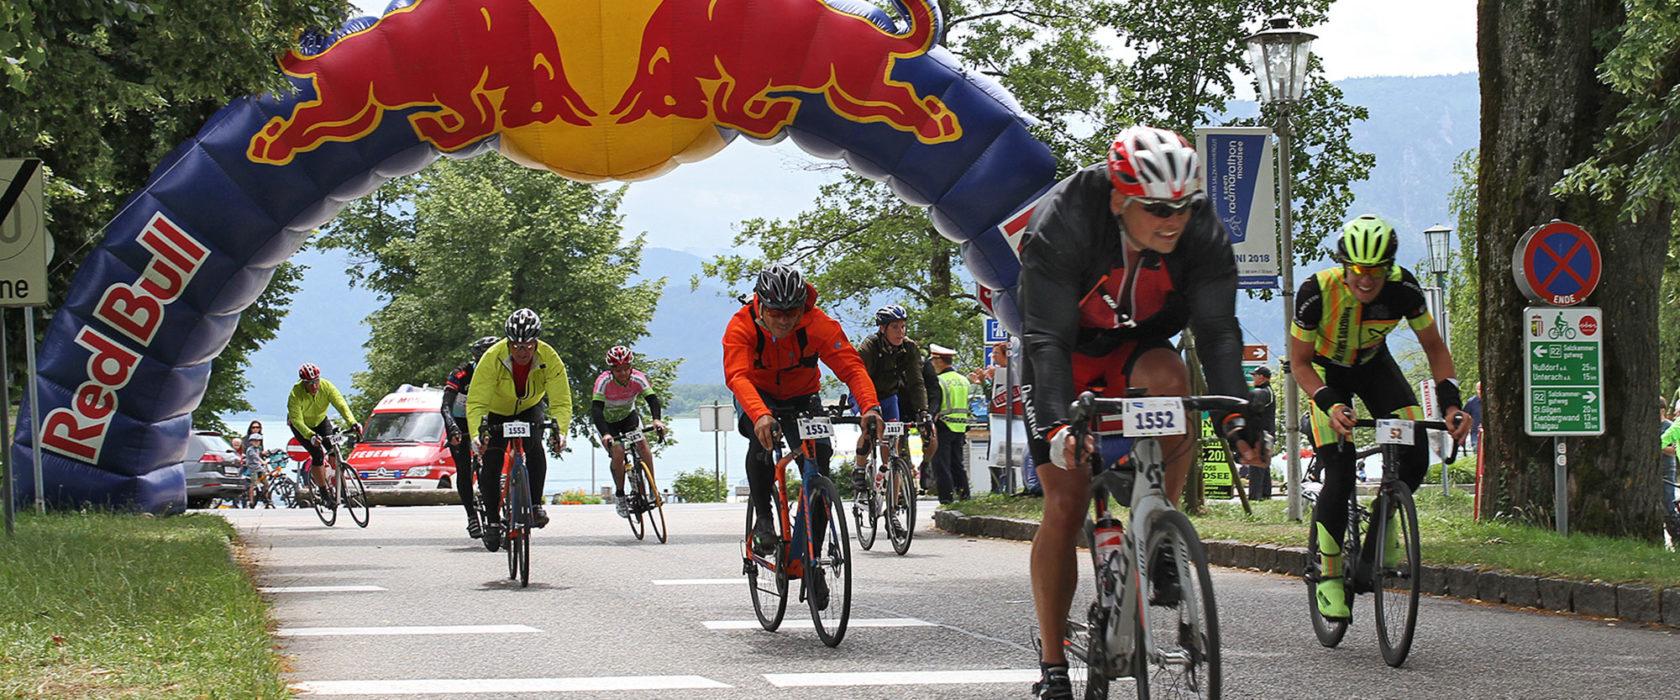 ziel-mondsee-radmarathon